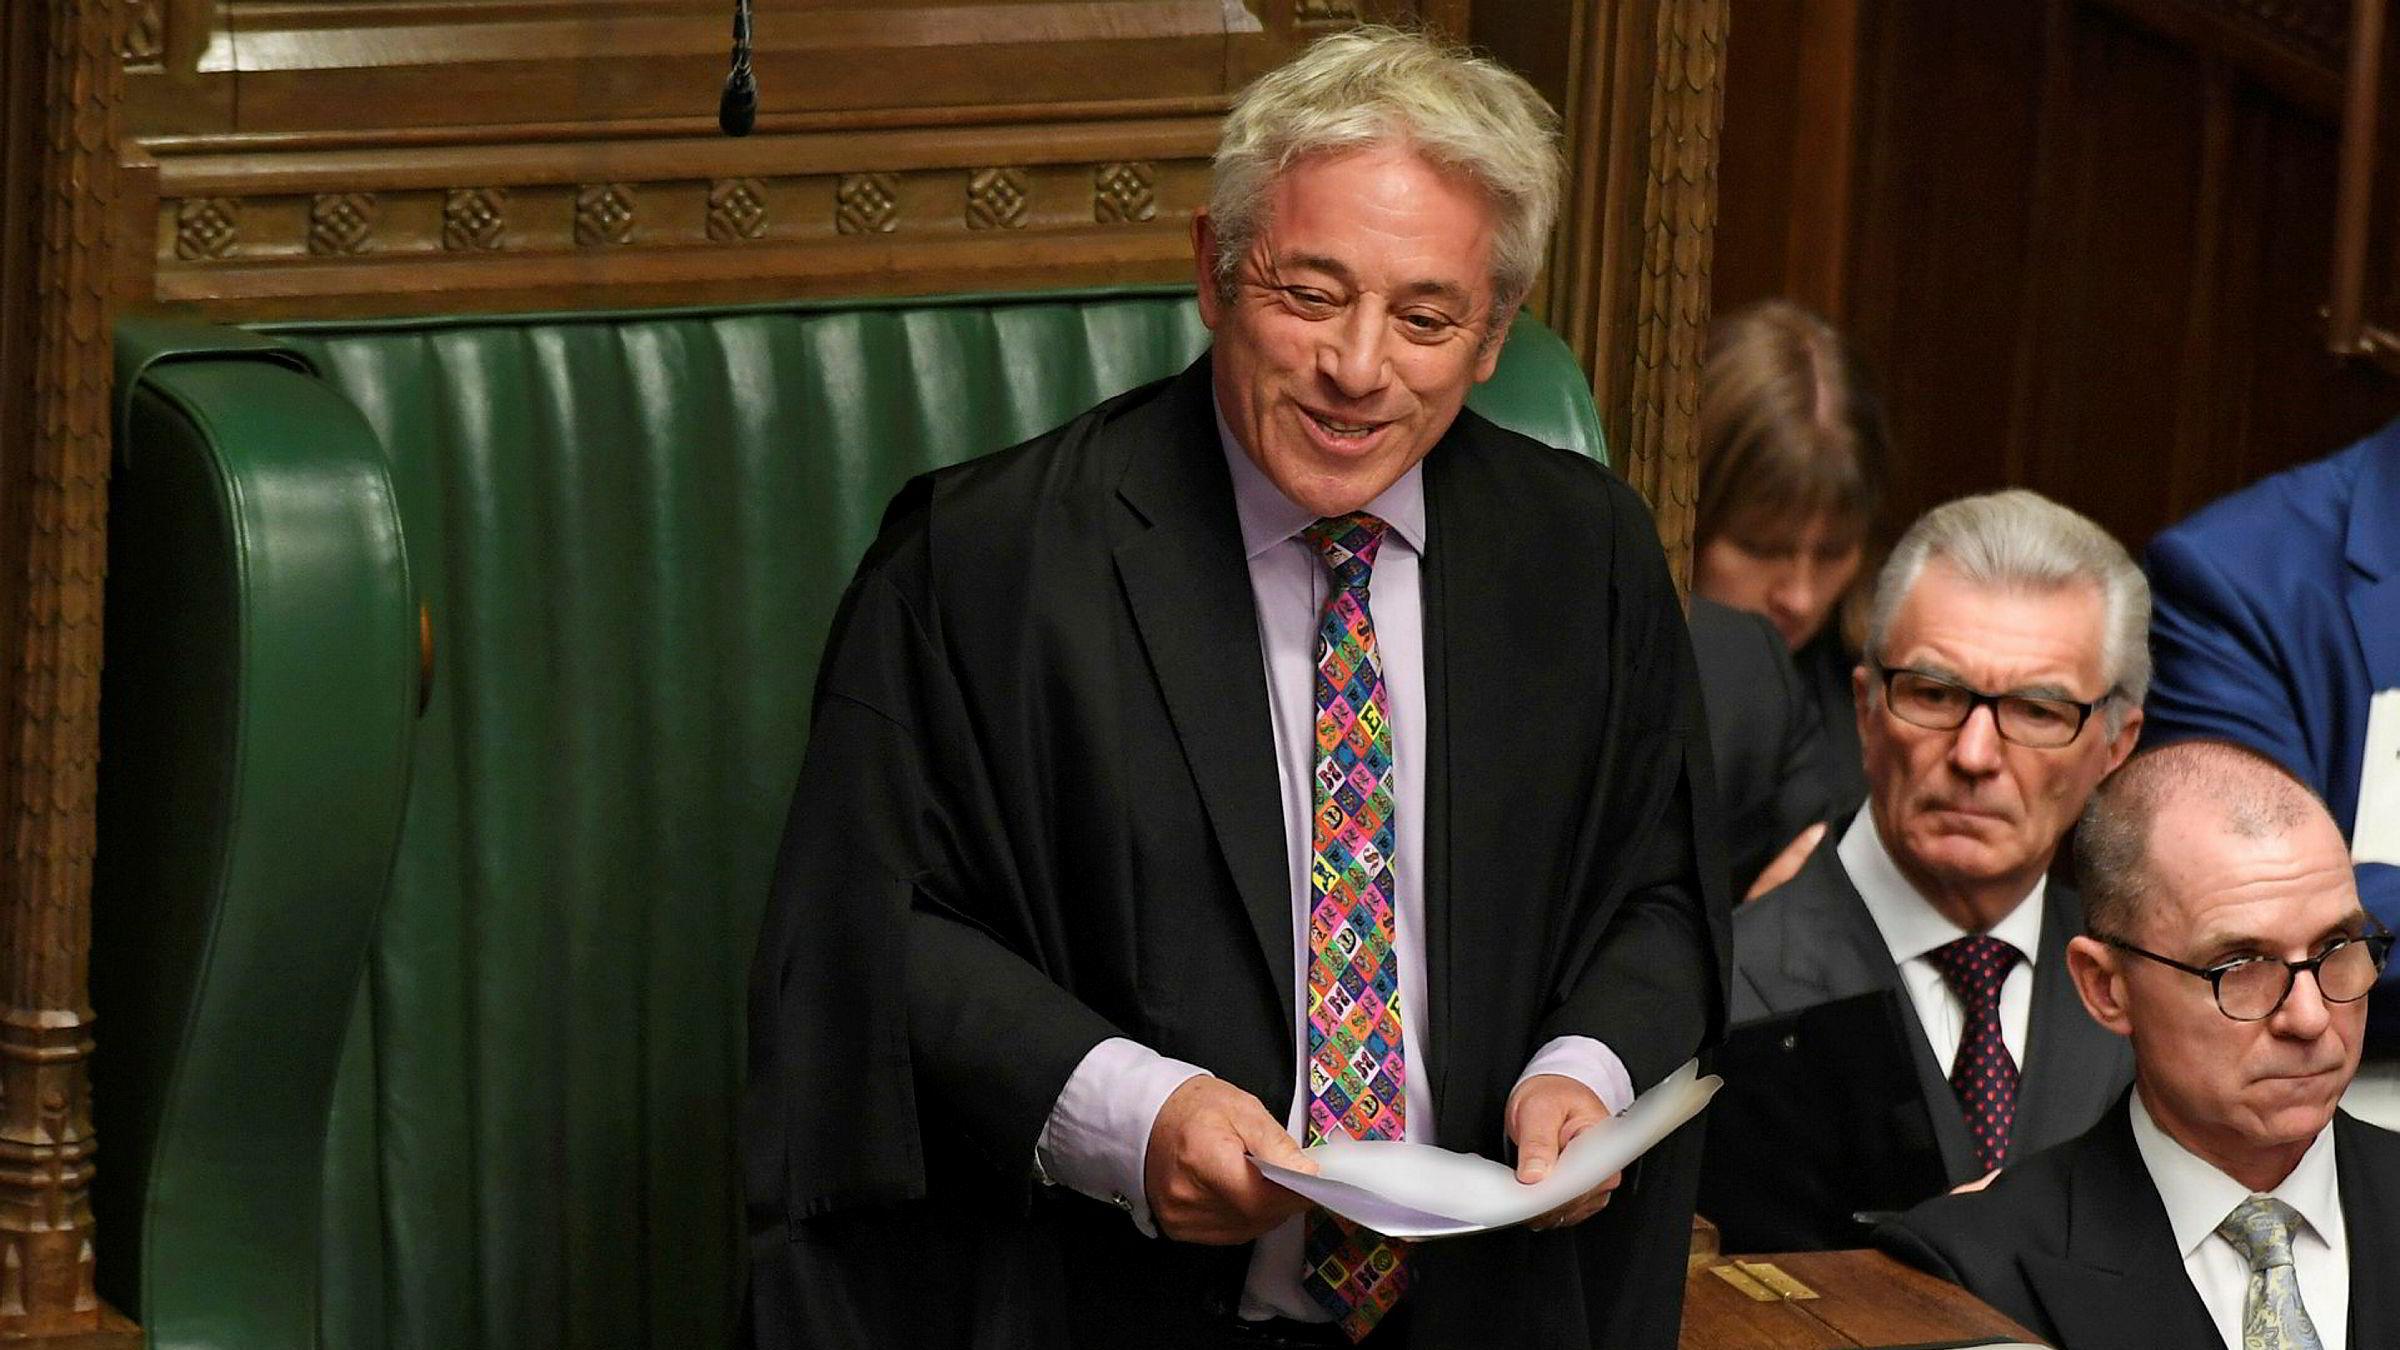 Fredag går han av. I kveld annonserer Parlament-speaker John Bercow for kanskje siste gang om «the ayes» eller «the nays have it» i avstemning om når britene skal holde nyvalget som kan avgjøre brexit.